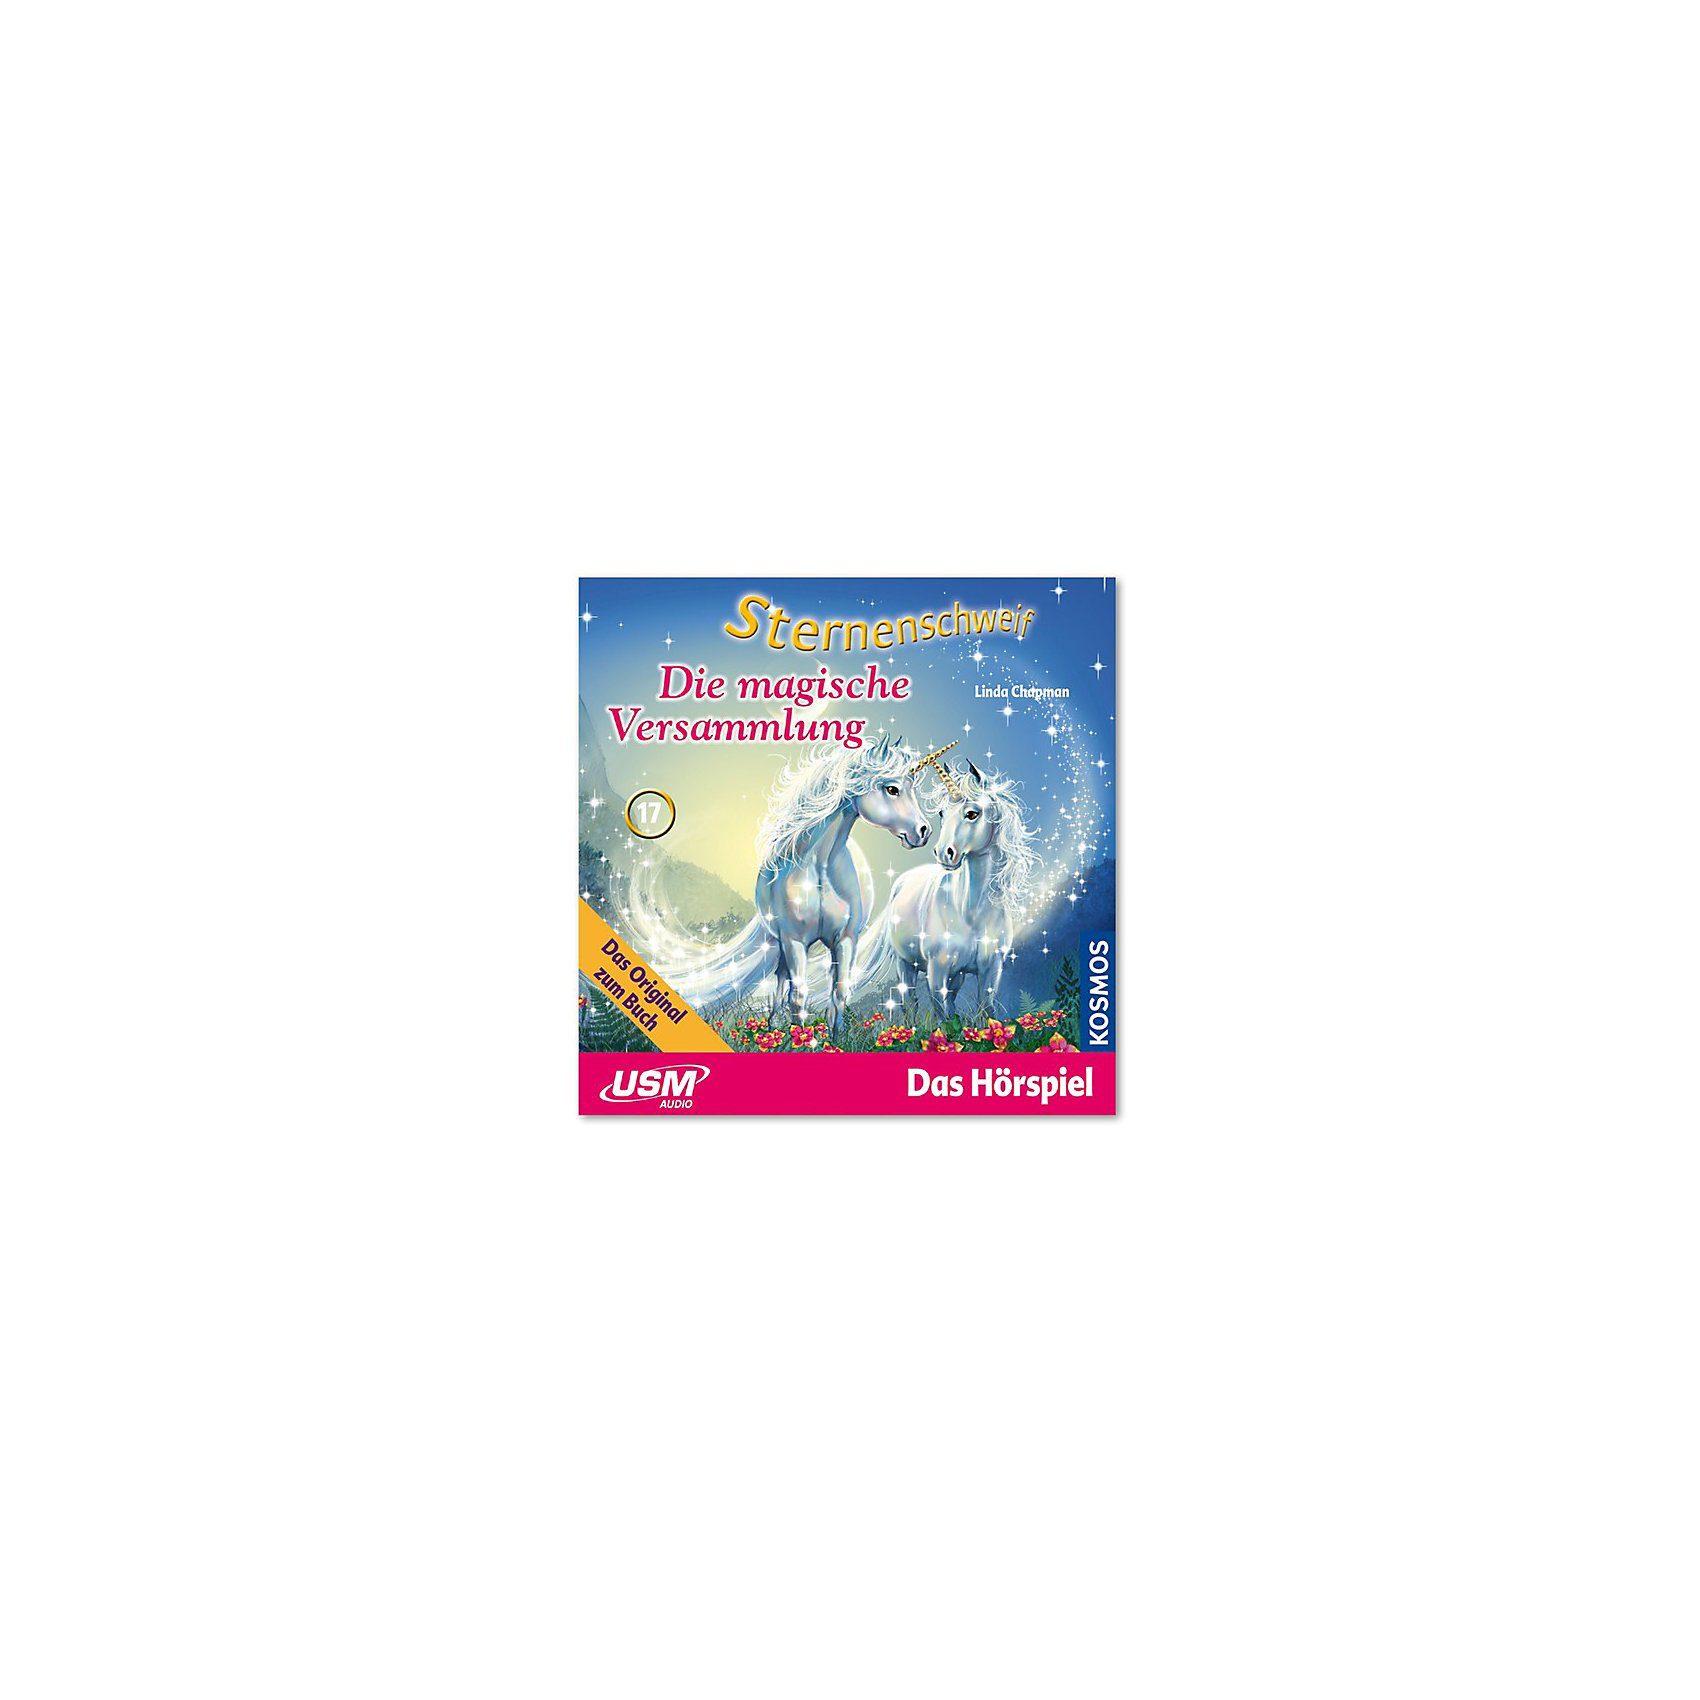 CD Sternenschweif 17: Die magische Versammlung